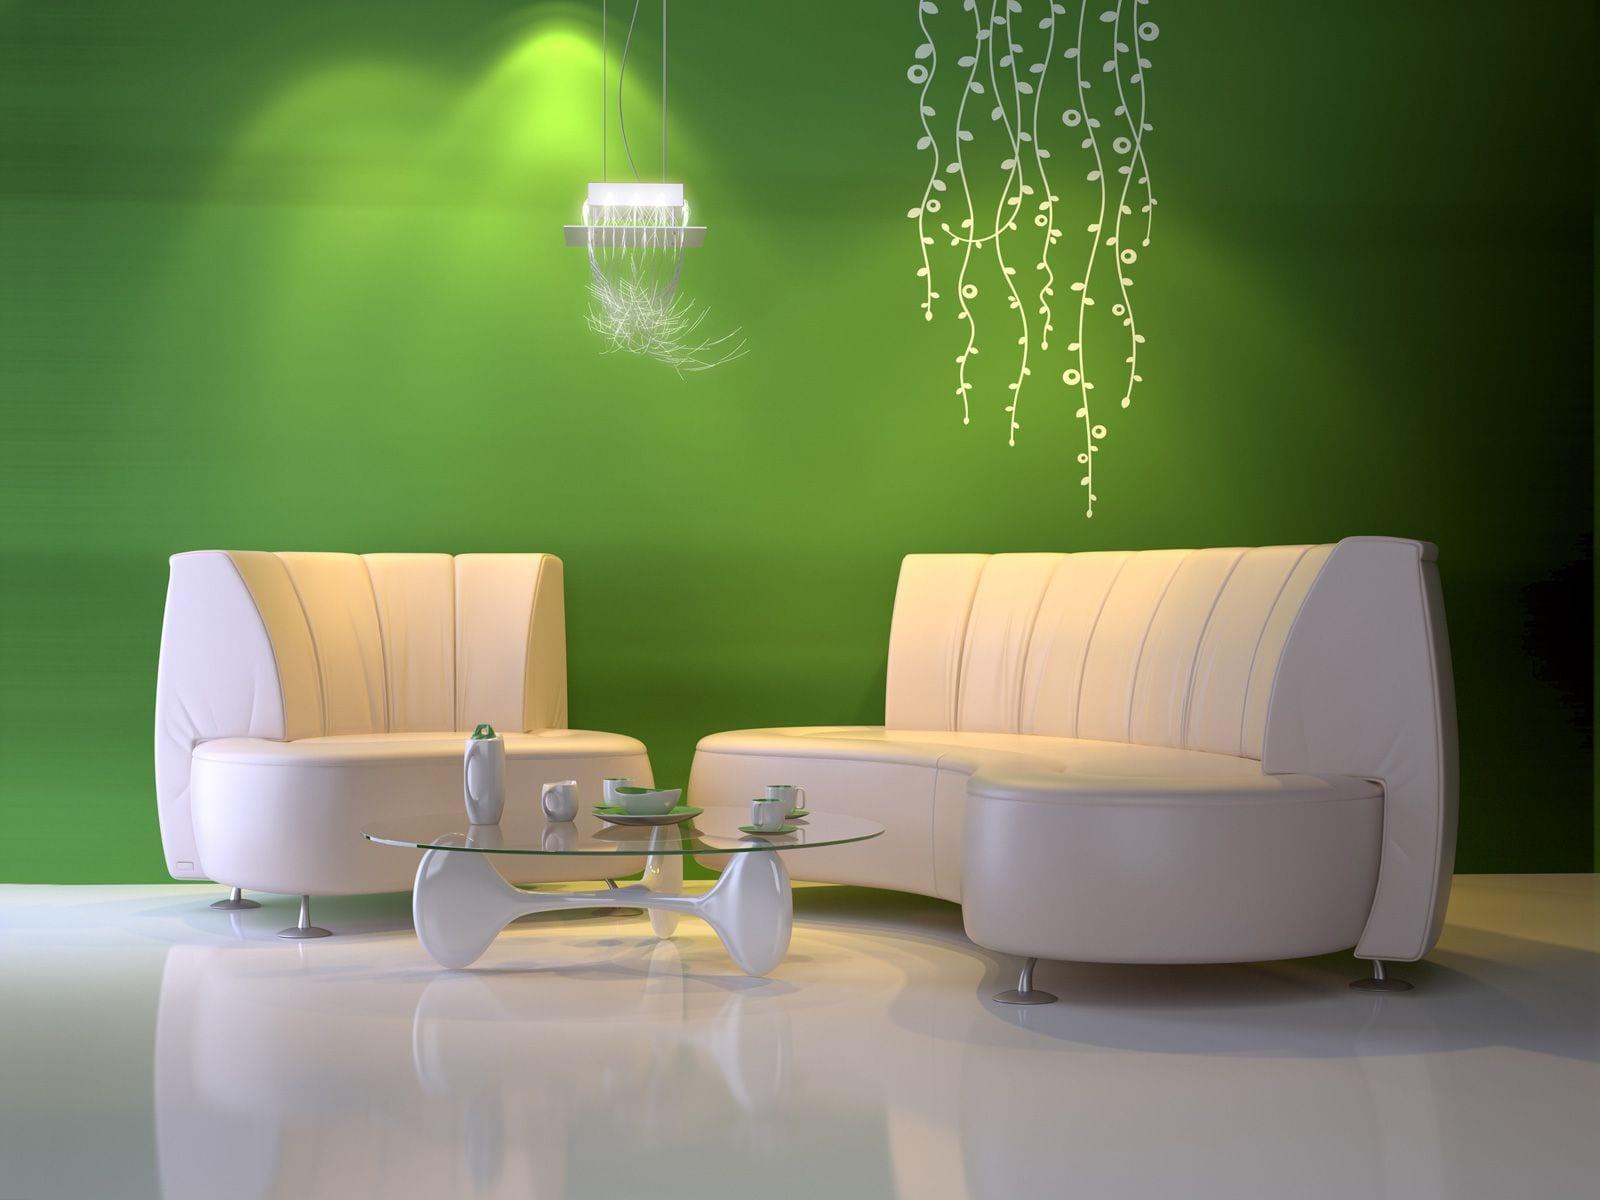 grüne wand mit Vinylboden in weiß und weißen Seats and Sofas- rundtisch